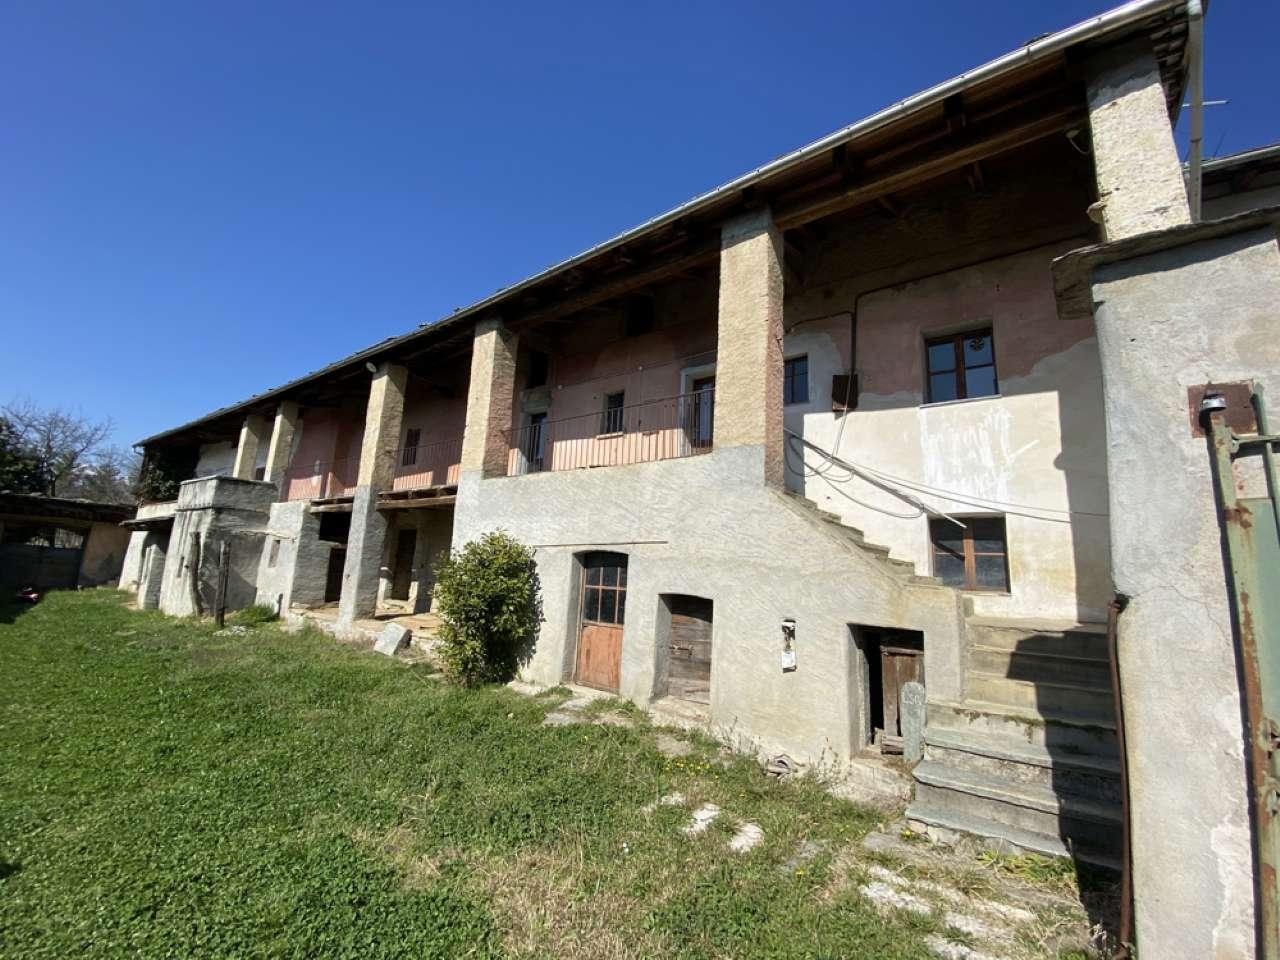 Soluzione Semindipendente in vendita a Luserna San Giovanni, 11 locali, prezzo € 73.000   CambioCasa.it